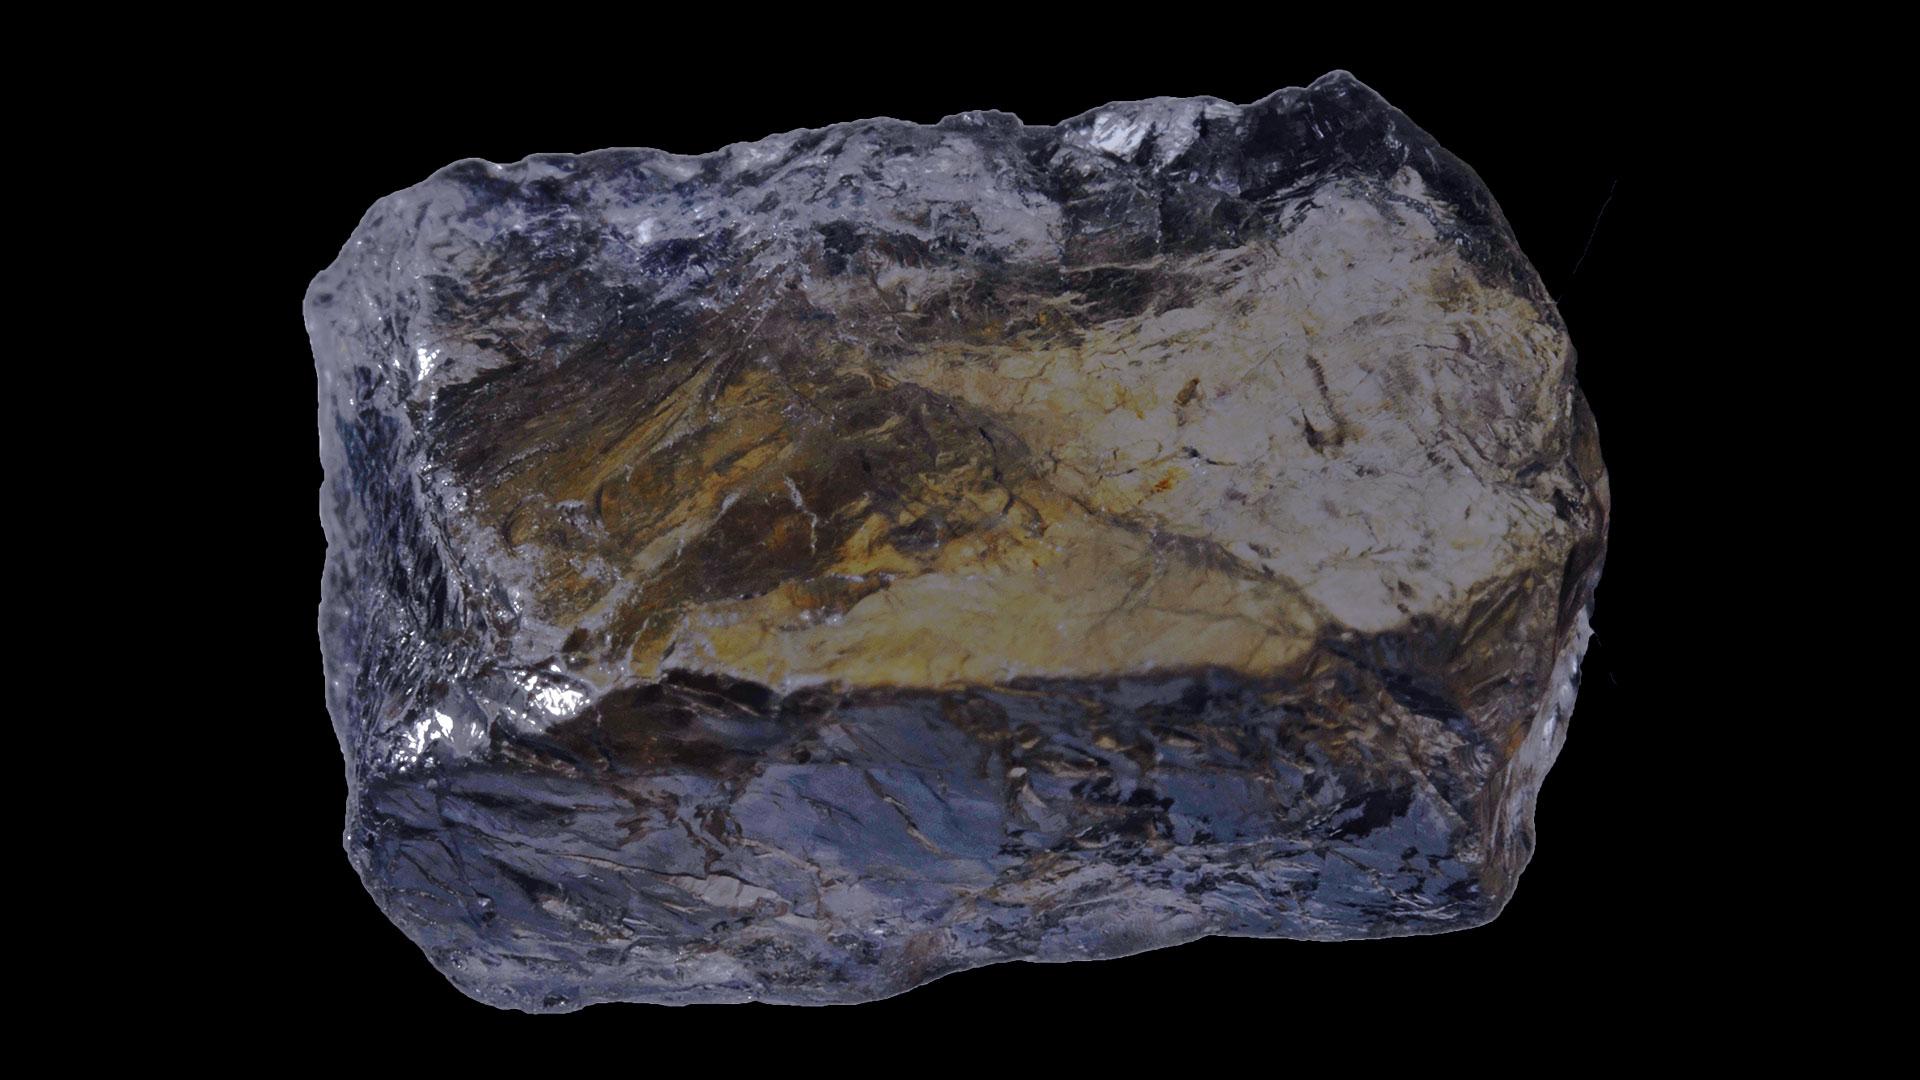 Iolite Crystal Specimen - Mineral Specimen - Original Photograph by Parent-Géry